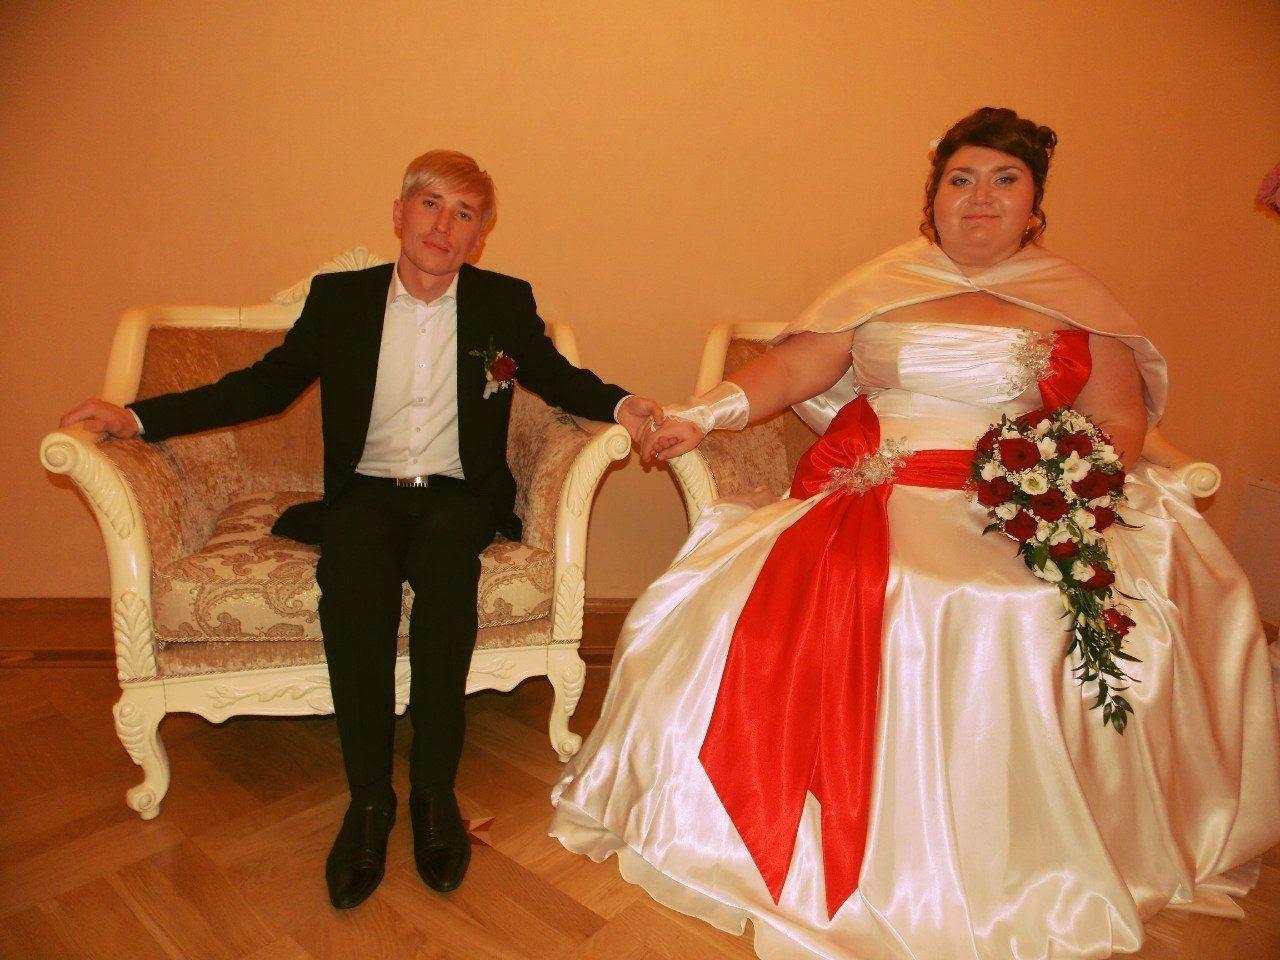 Картинки про свадьбу с приколами, поздравления